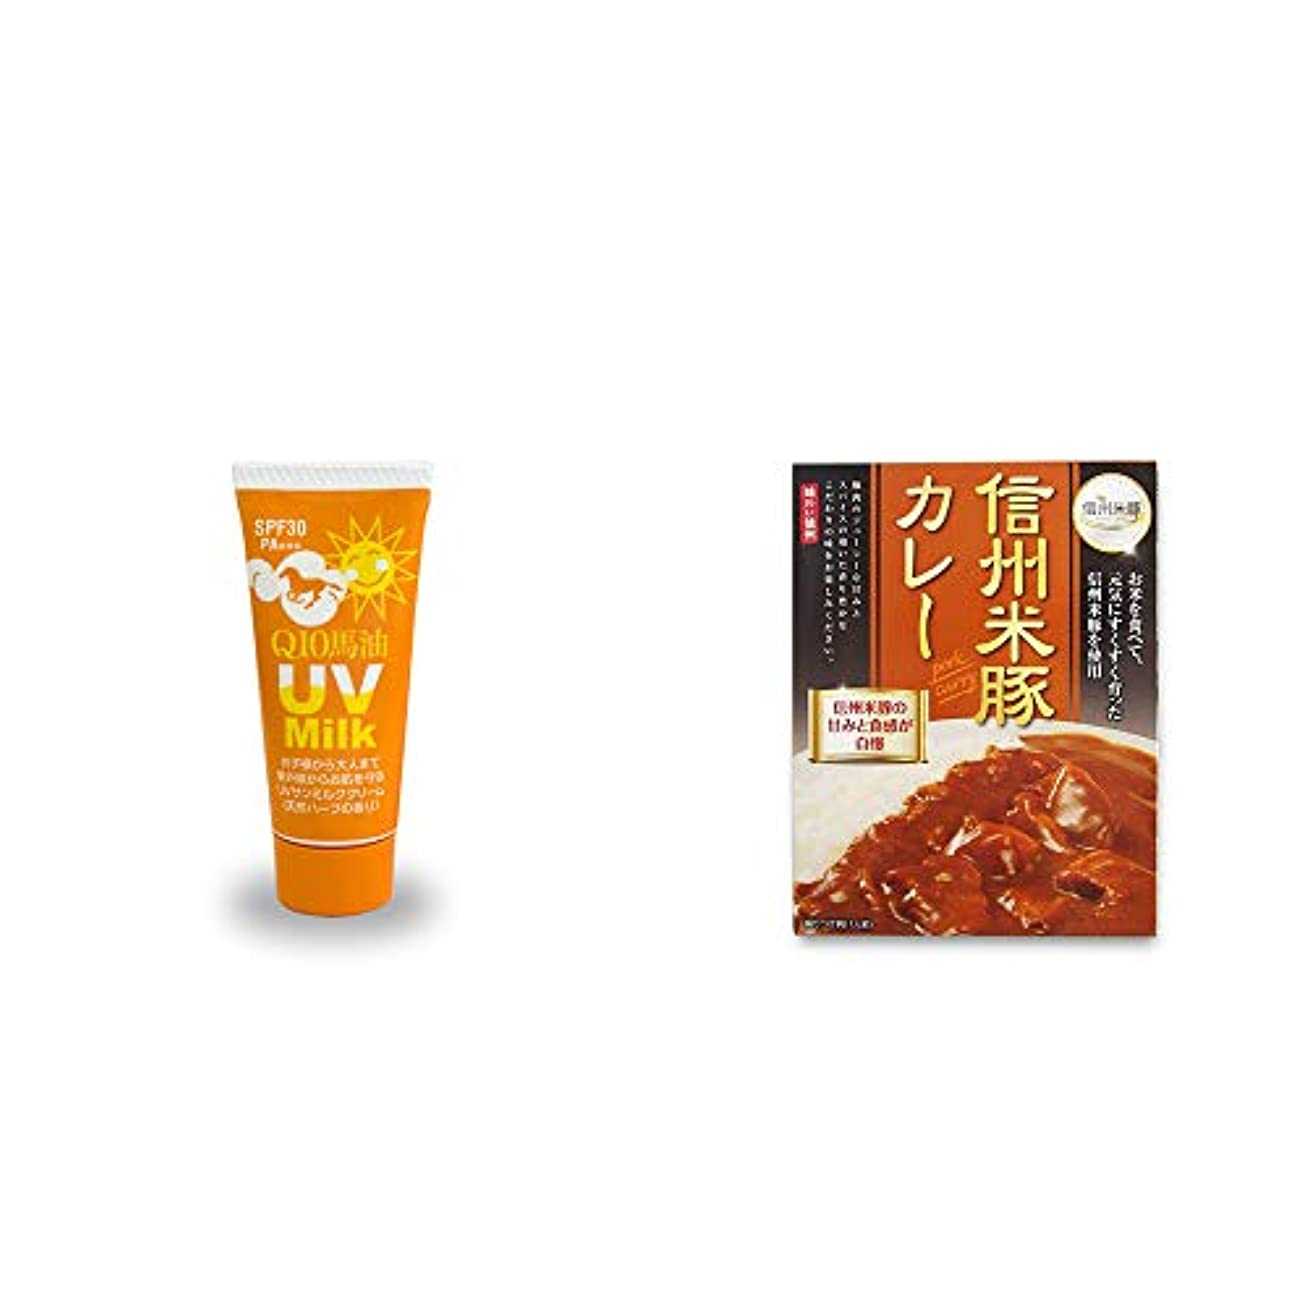 [2点セット] 炭黒泉 Q10馬油 UVサンミルク[天然ハーブ](40g)?信州米豚カレー(1食分)